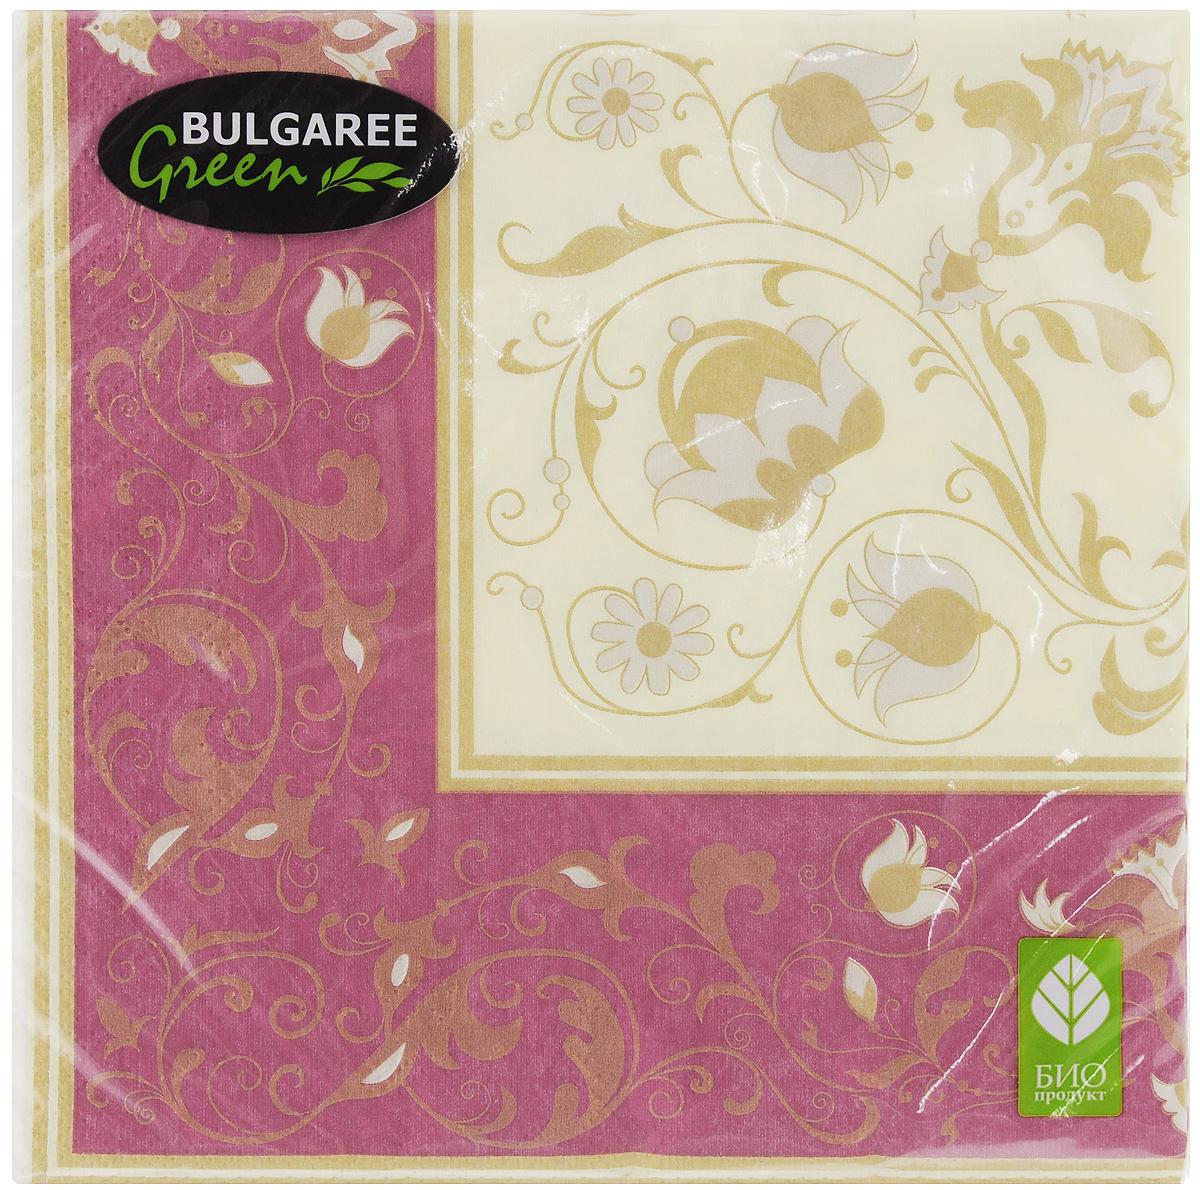 Салфетки бумажные Bulgaree Green Белиссимо, трехслойные, 33 х 33 см, 20 шт1002399Трехслойные салфетки Bulgaree Green Белиссимо выполнены из 100% целлюлозы и оформлены красивым рисунком. Изделия станут отличным дополнением любого праздничного стола. Они отличаются необычной мягкостью, прочностью и оригинальностью. Размер салфеток в развернутом виде: 33 х 33 см.